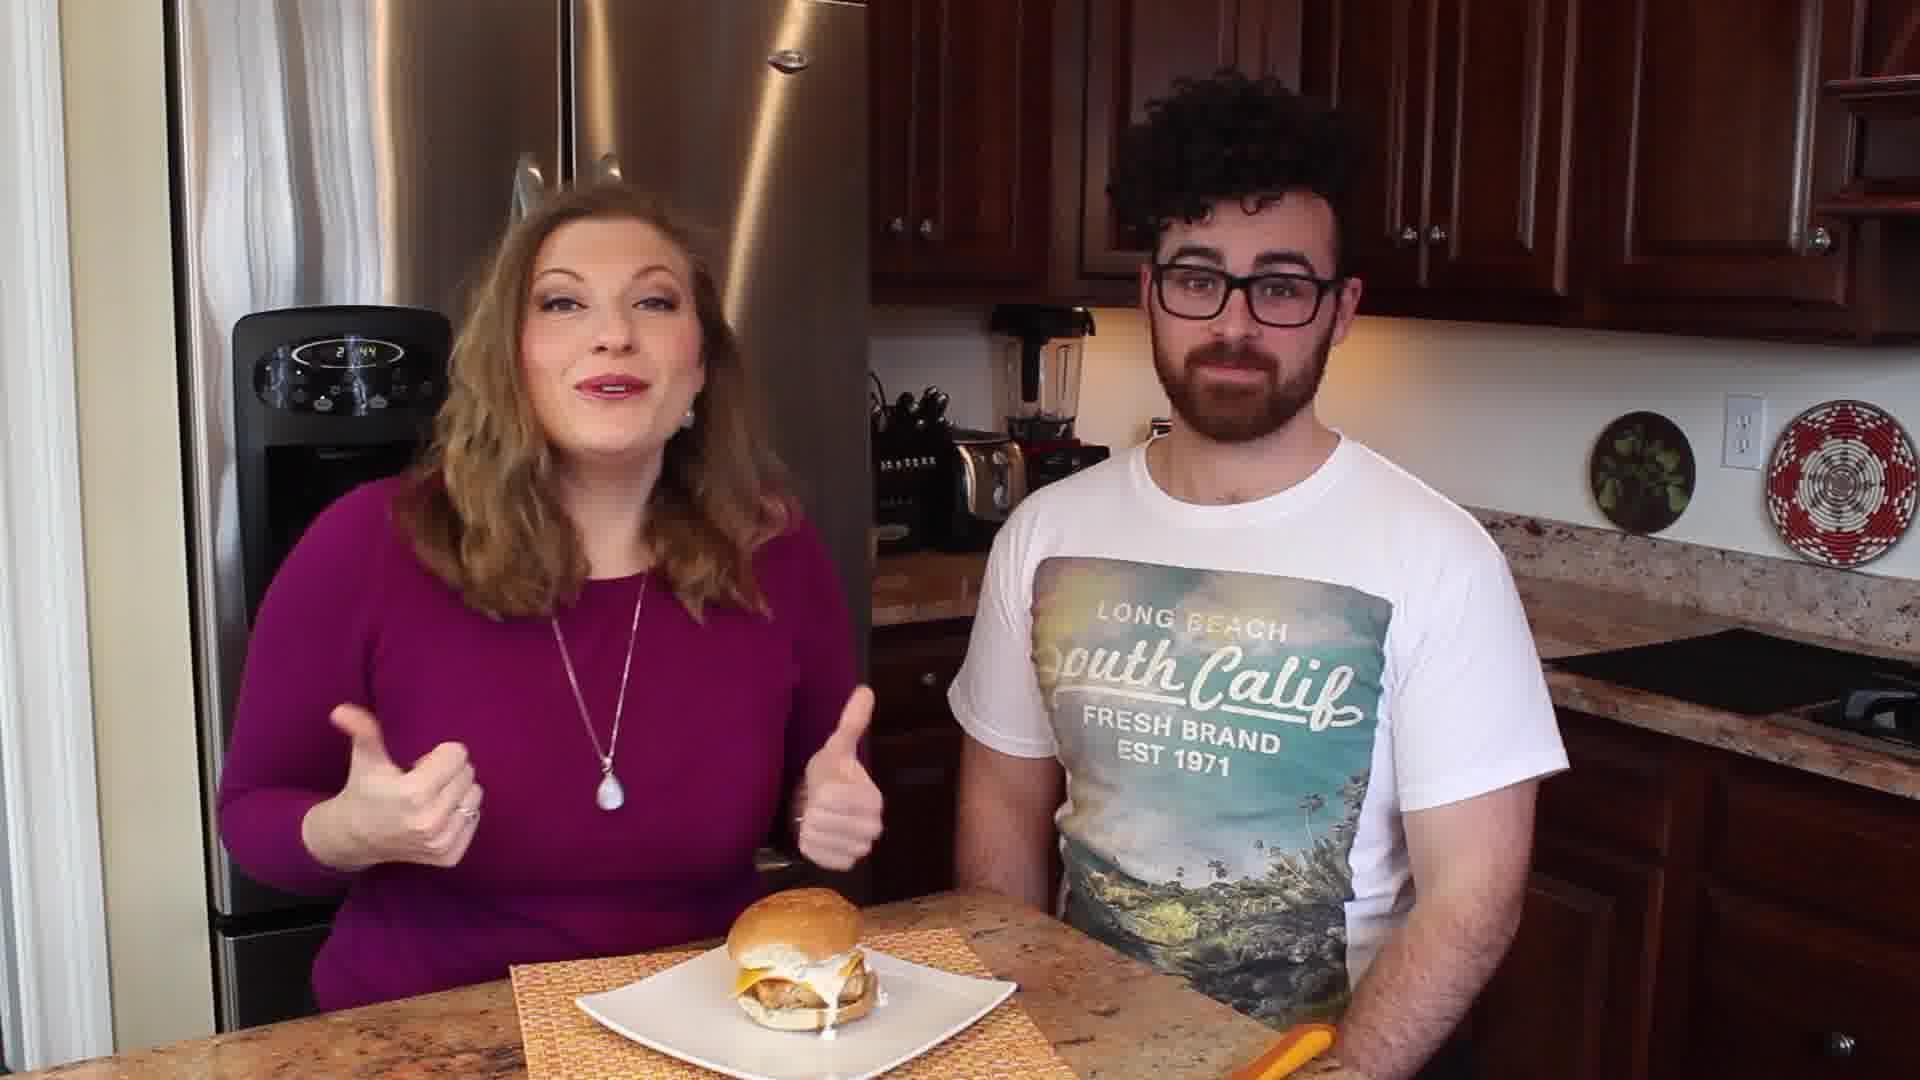 mcdonalds recipe